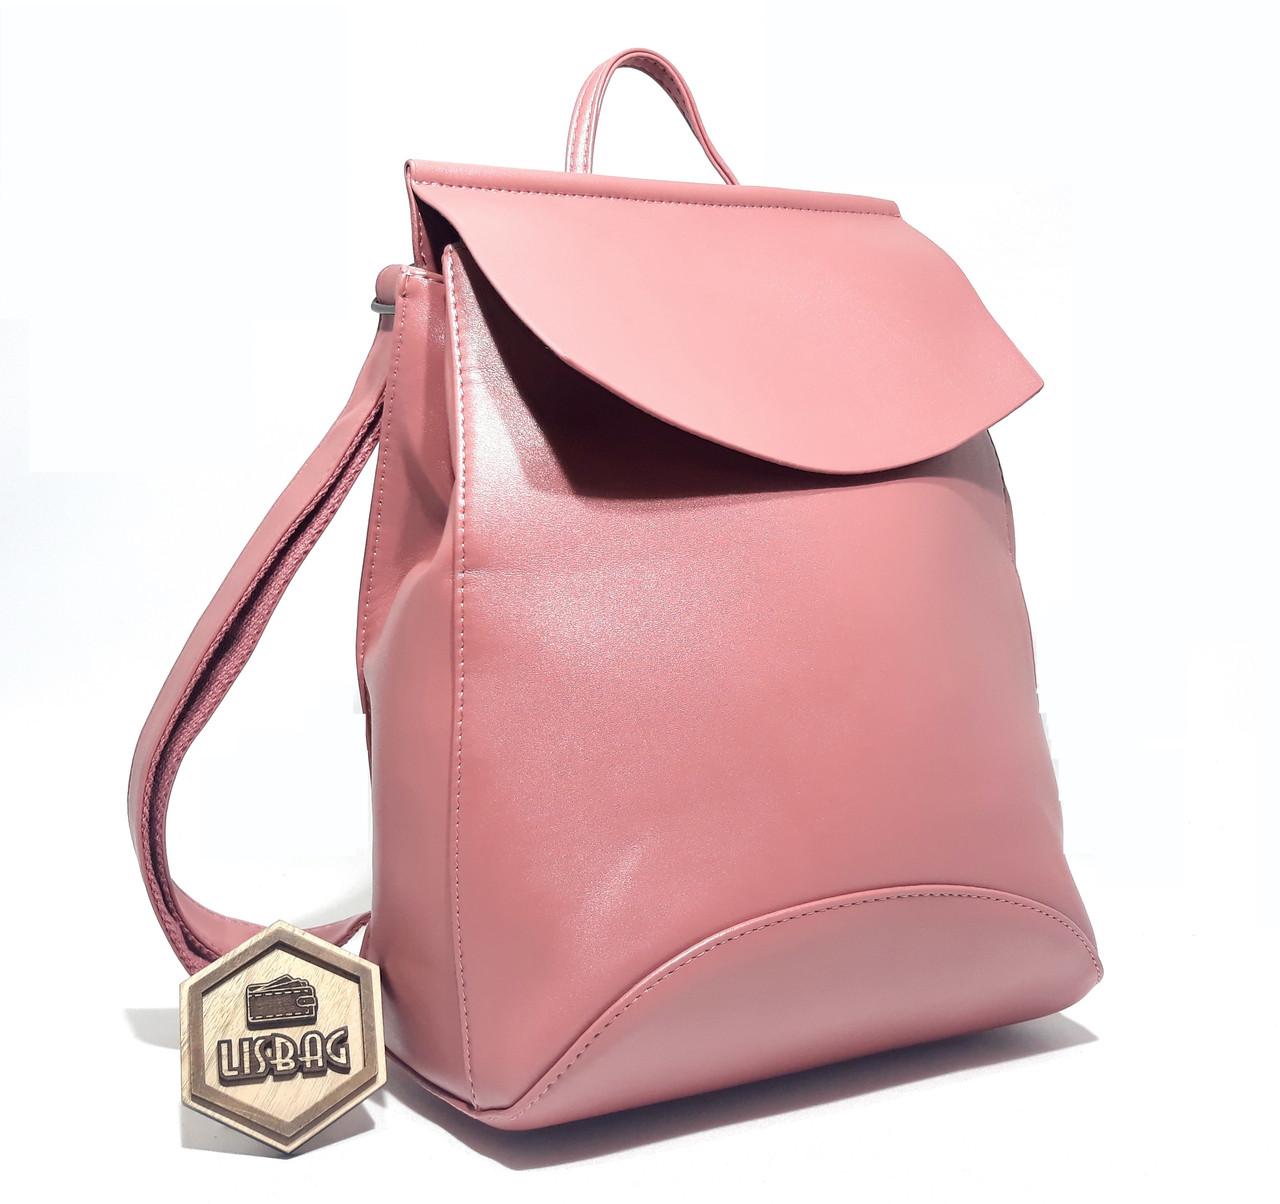 b452357d7cca Розовый вместительный повседневный рюкзак сумка из качественной кожи ...